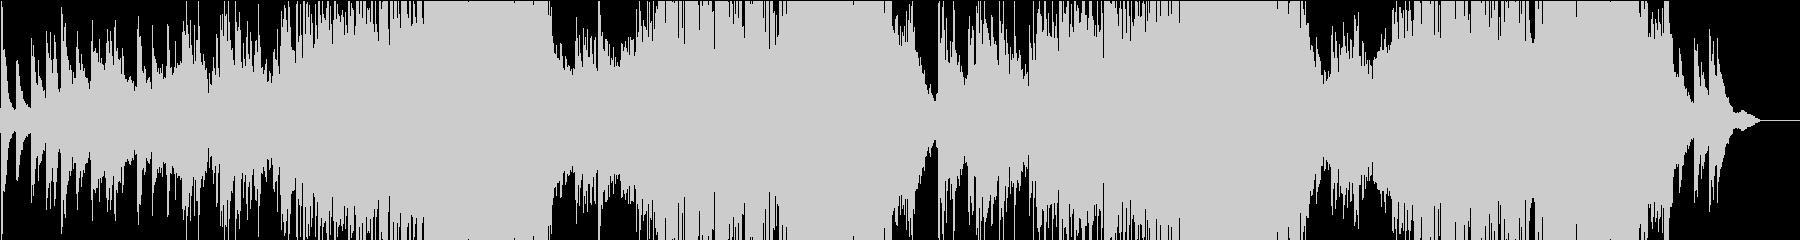 琴で奏でるFuture Popの未再生の波形